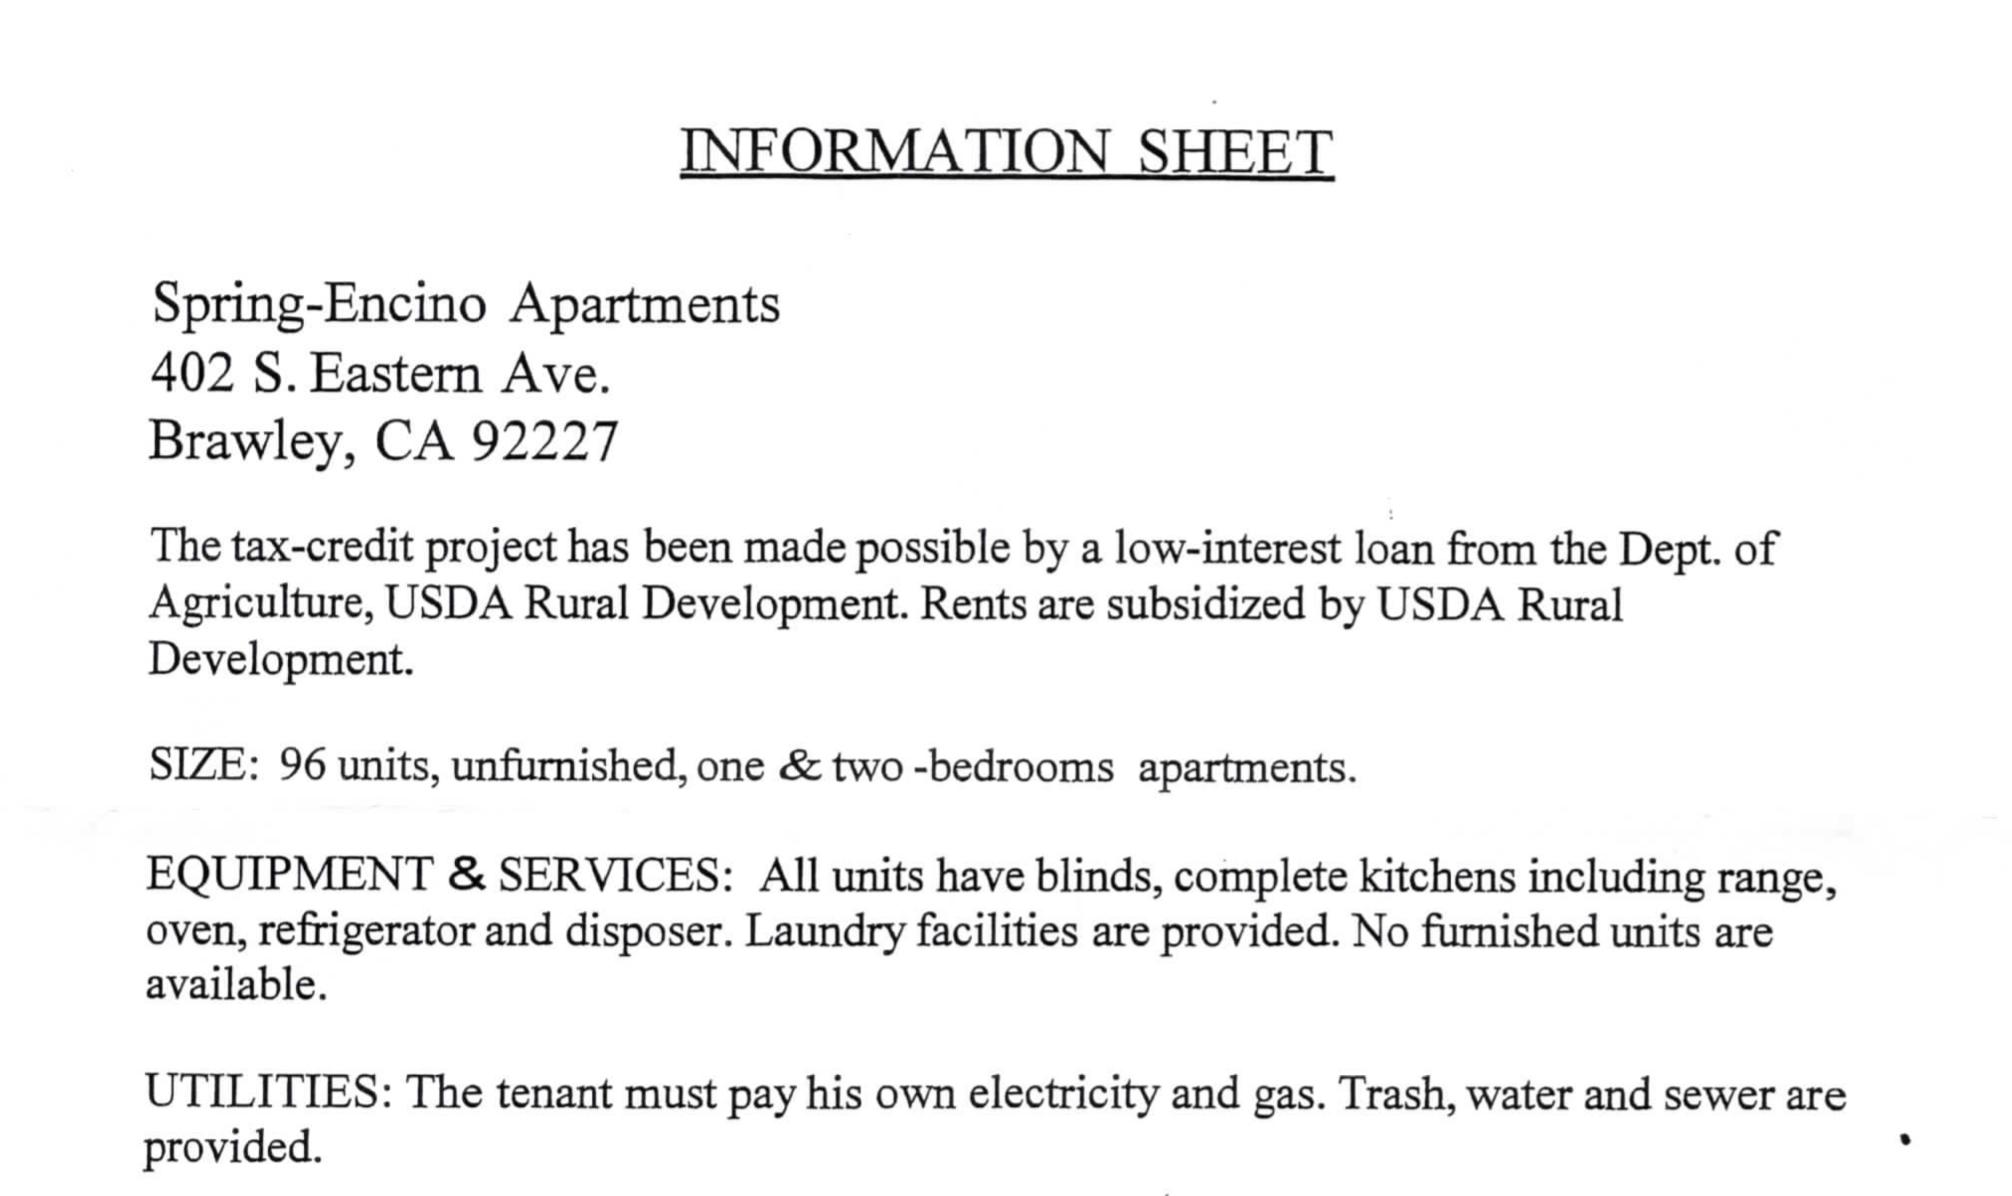 Housing Notice: Spring-Encino Apartments